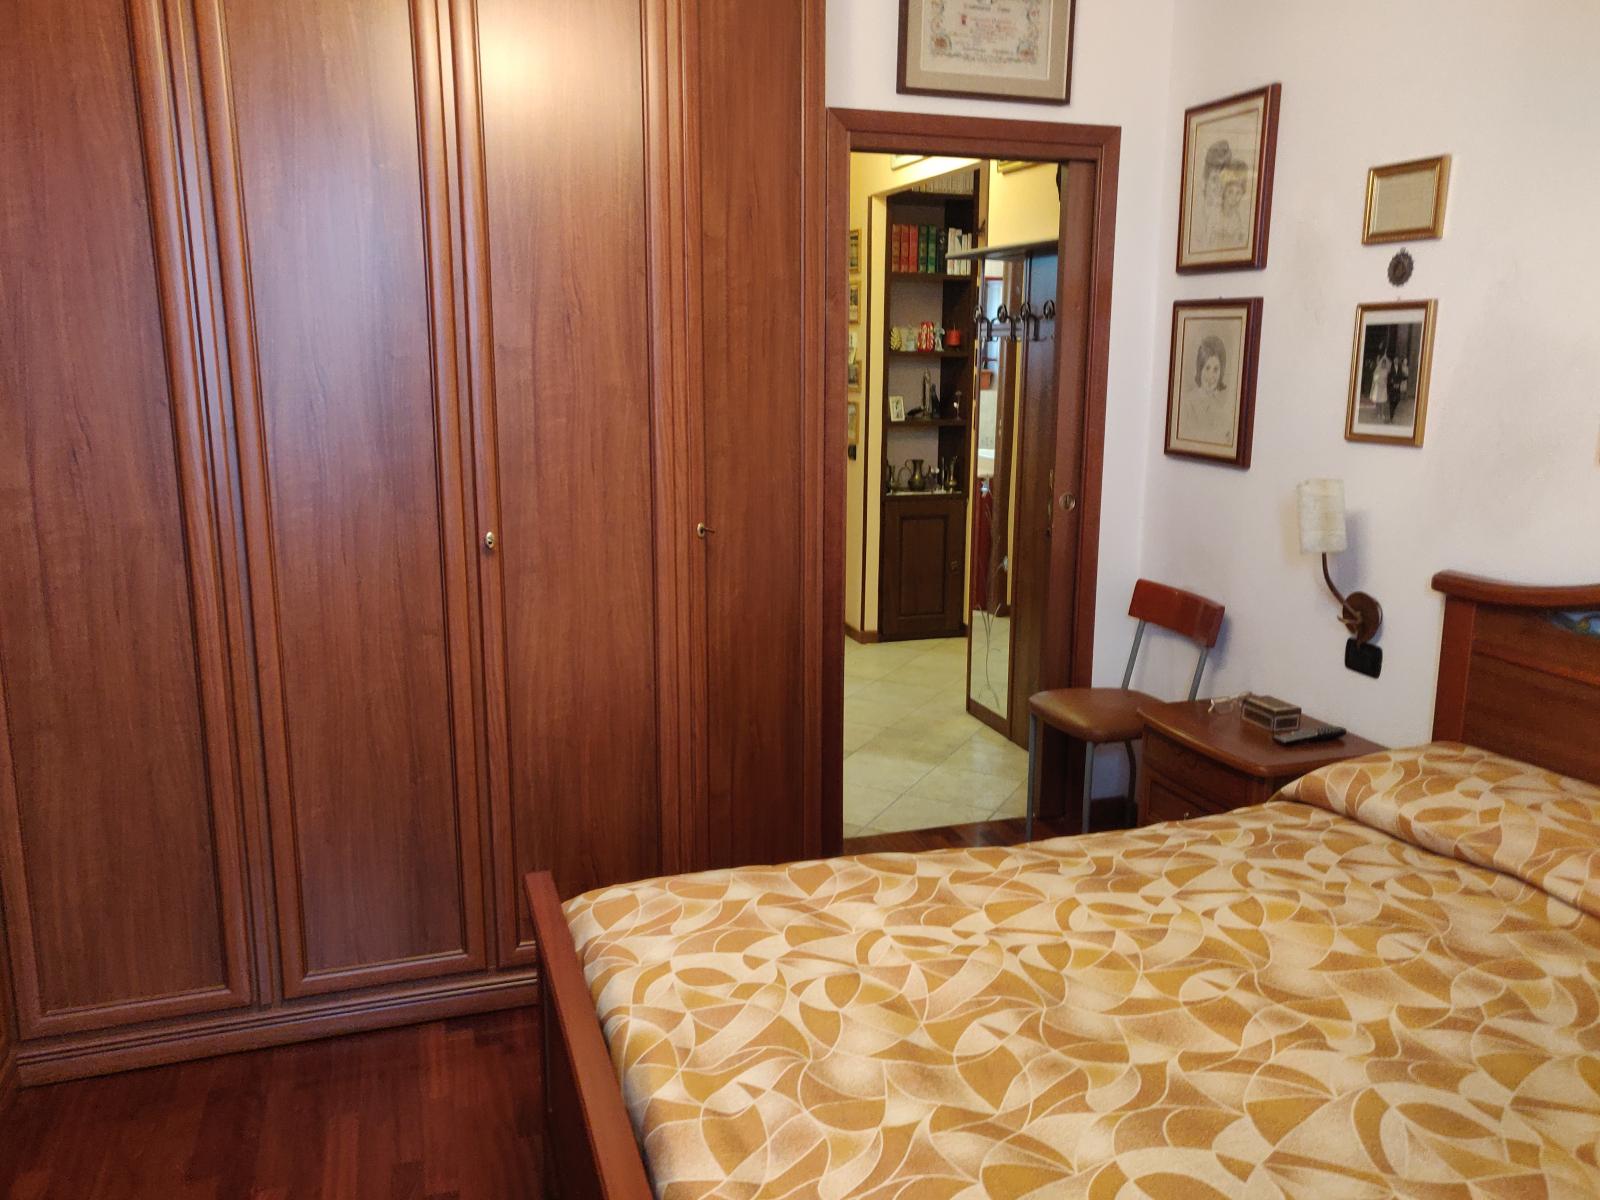 3-locali-trilocale-in-vendita-a-milano-rozzano-quinto-de-stampi-spaziourbano-immobiliare-vende-11